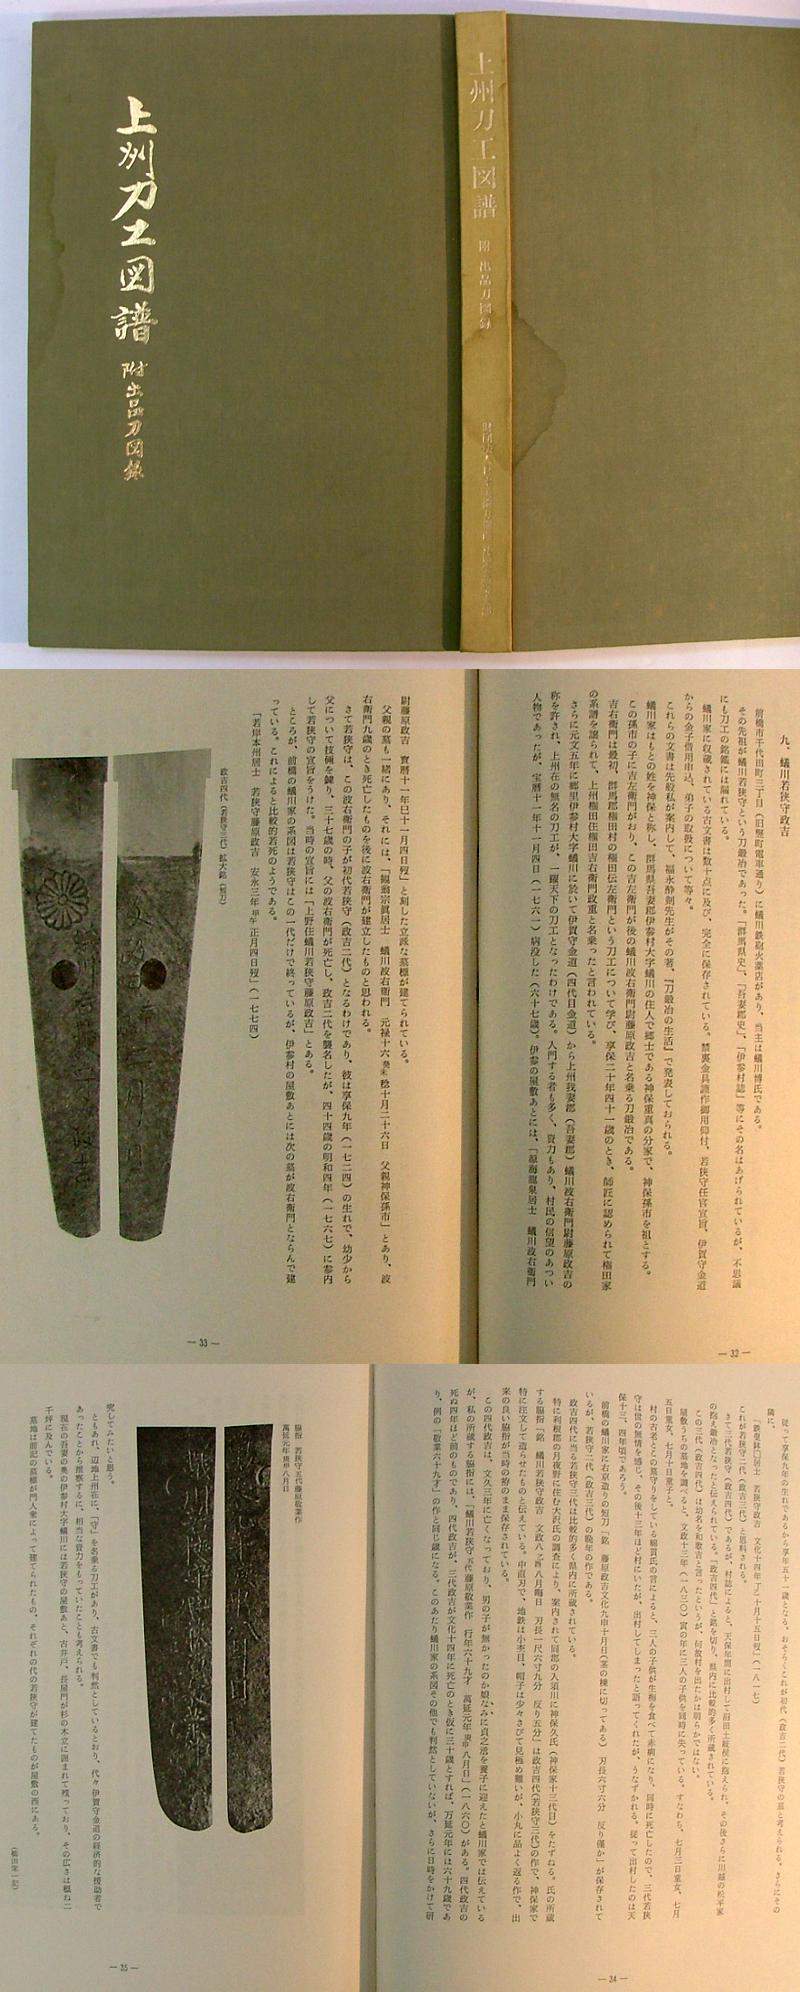 小刀 菊紋 若狭守藤原政吉 Picture of Certificate